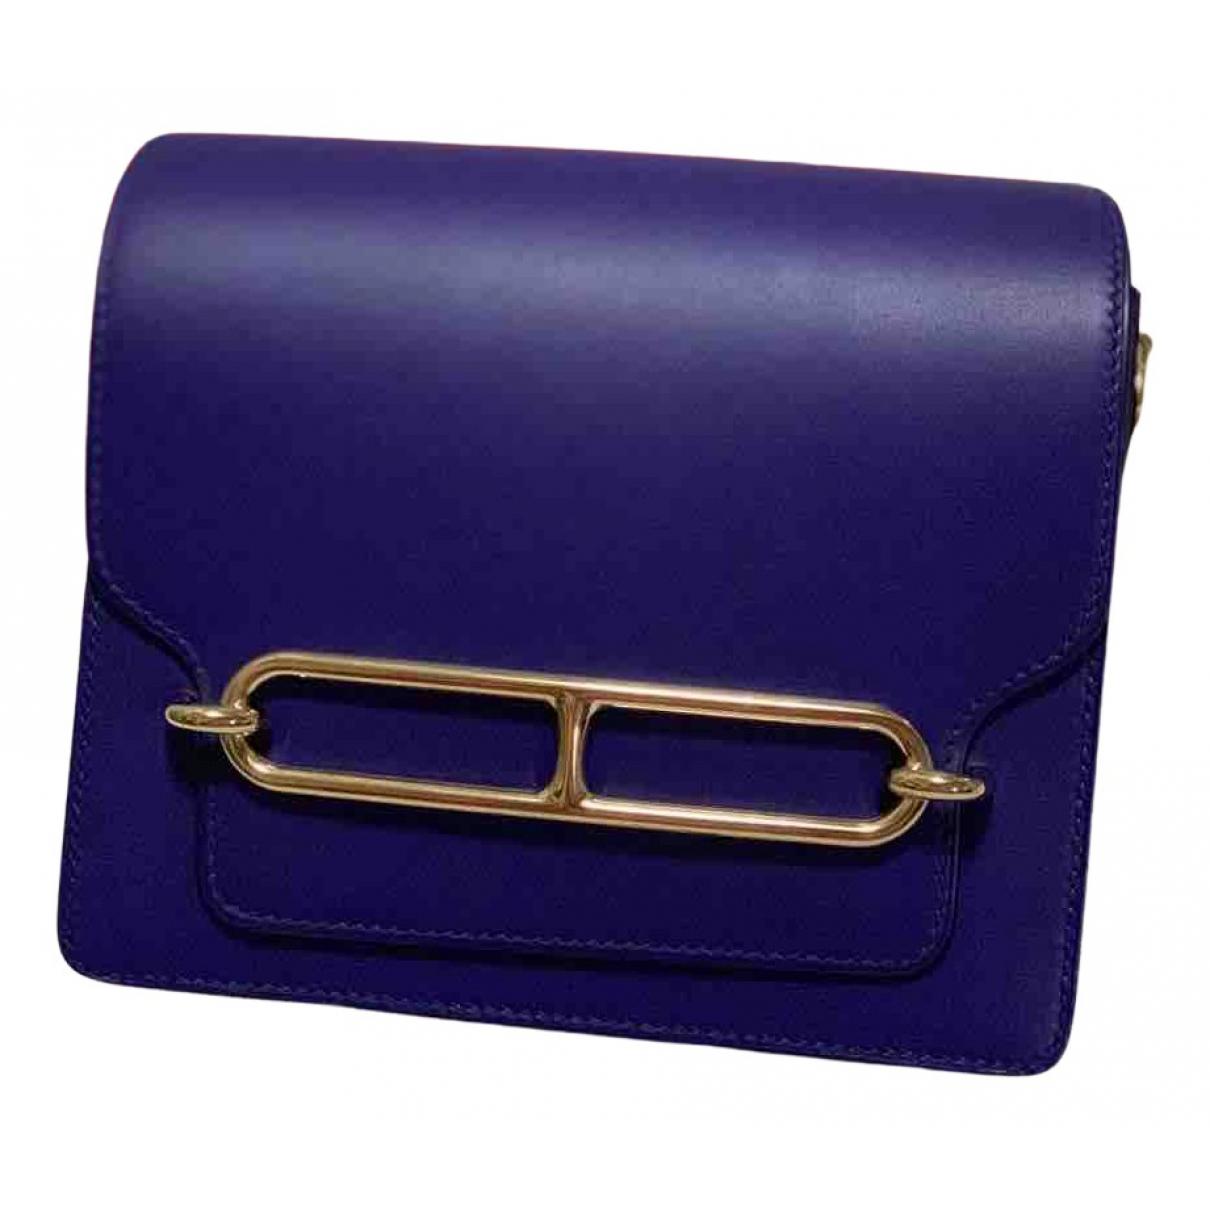 Hermes Roulis Handtasche in  Blau Leder